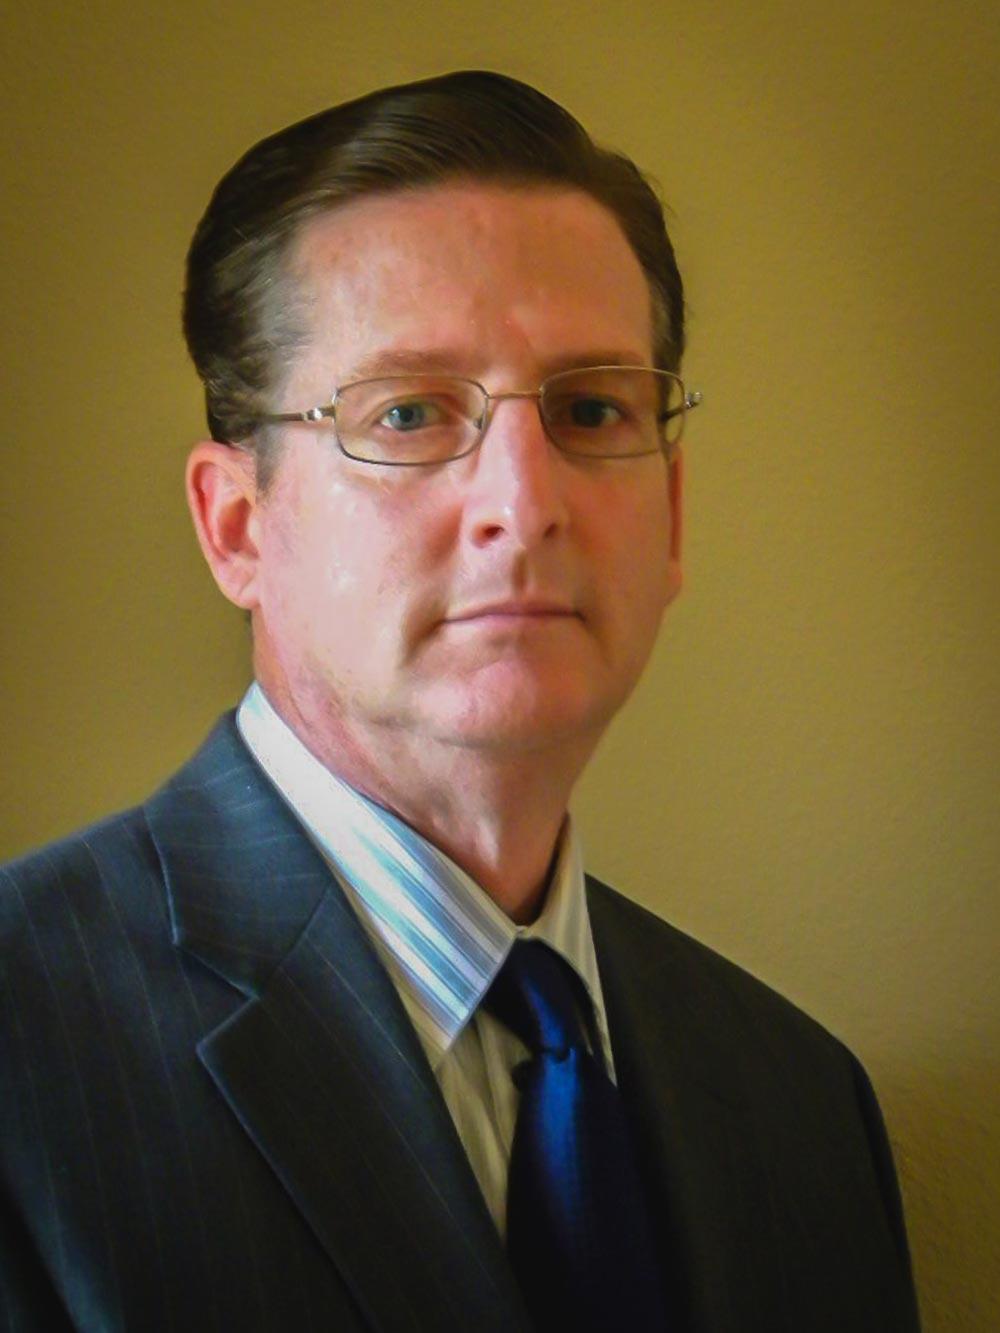 Gregg Laskoski